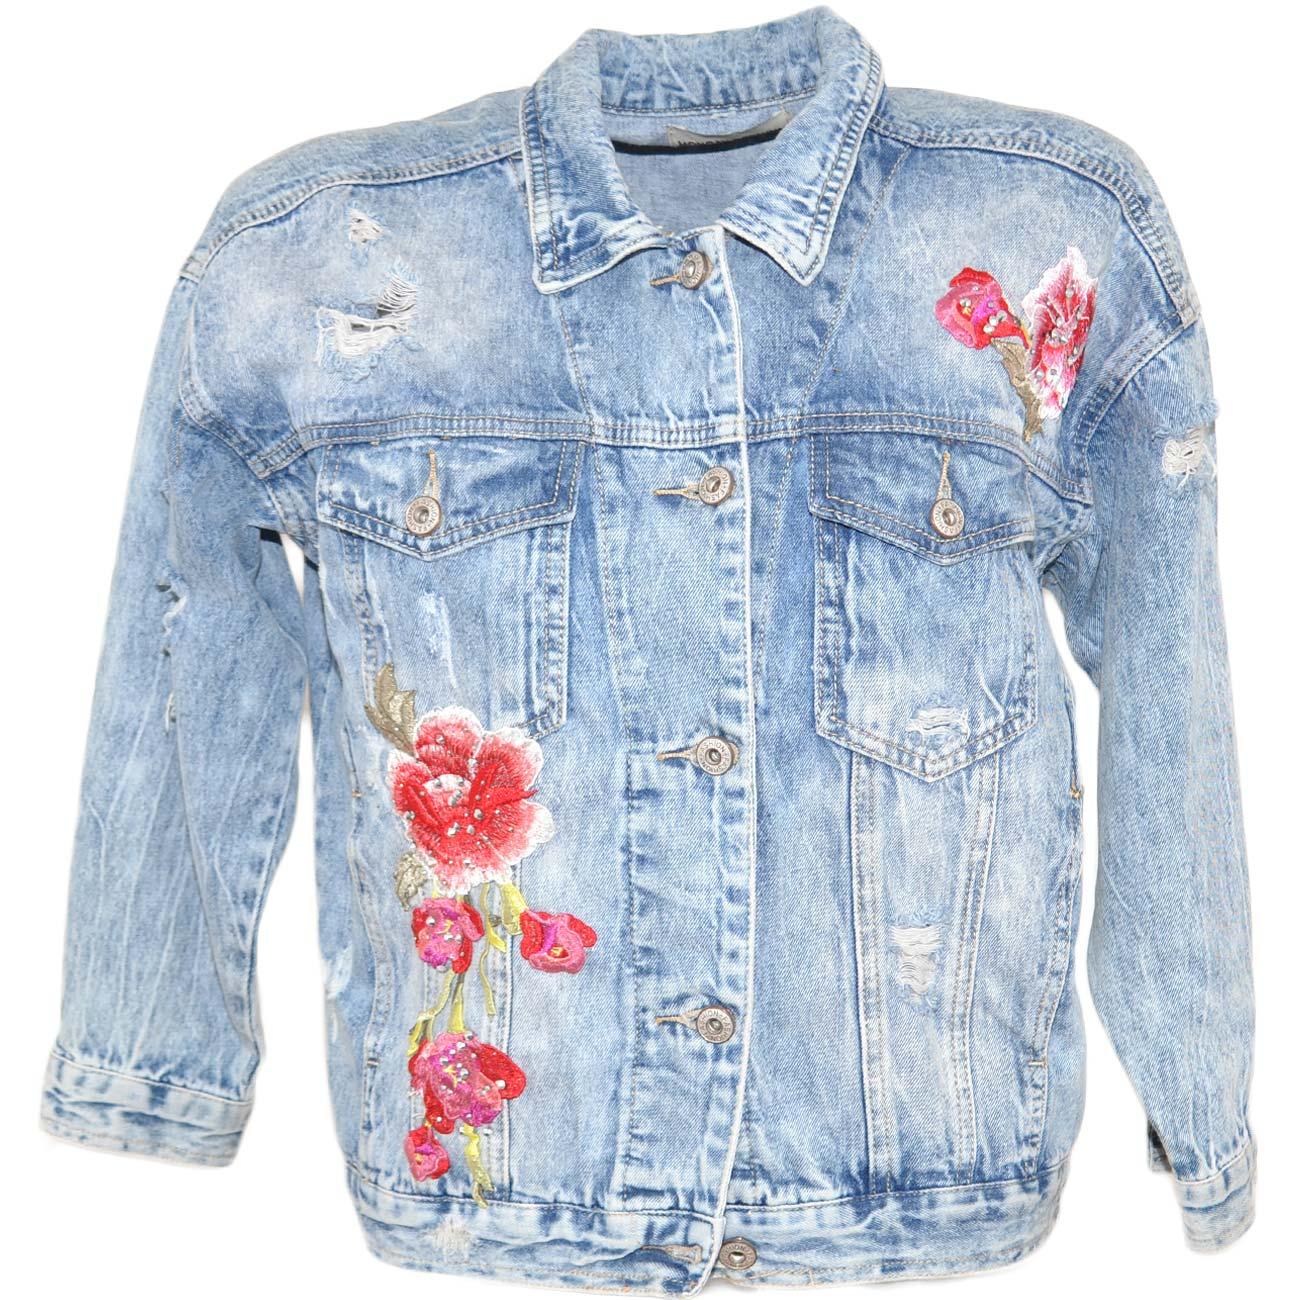 watch e6f15 b8e0b Giacca giubbino di jeans donna corto lavaggio vintage con fiori cuciti e  borchiette linea slim fit moda gipsy tendenza donna giacche Malu Shoes | ...